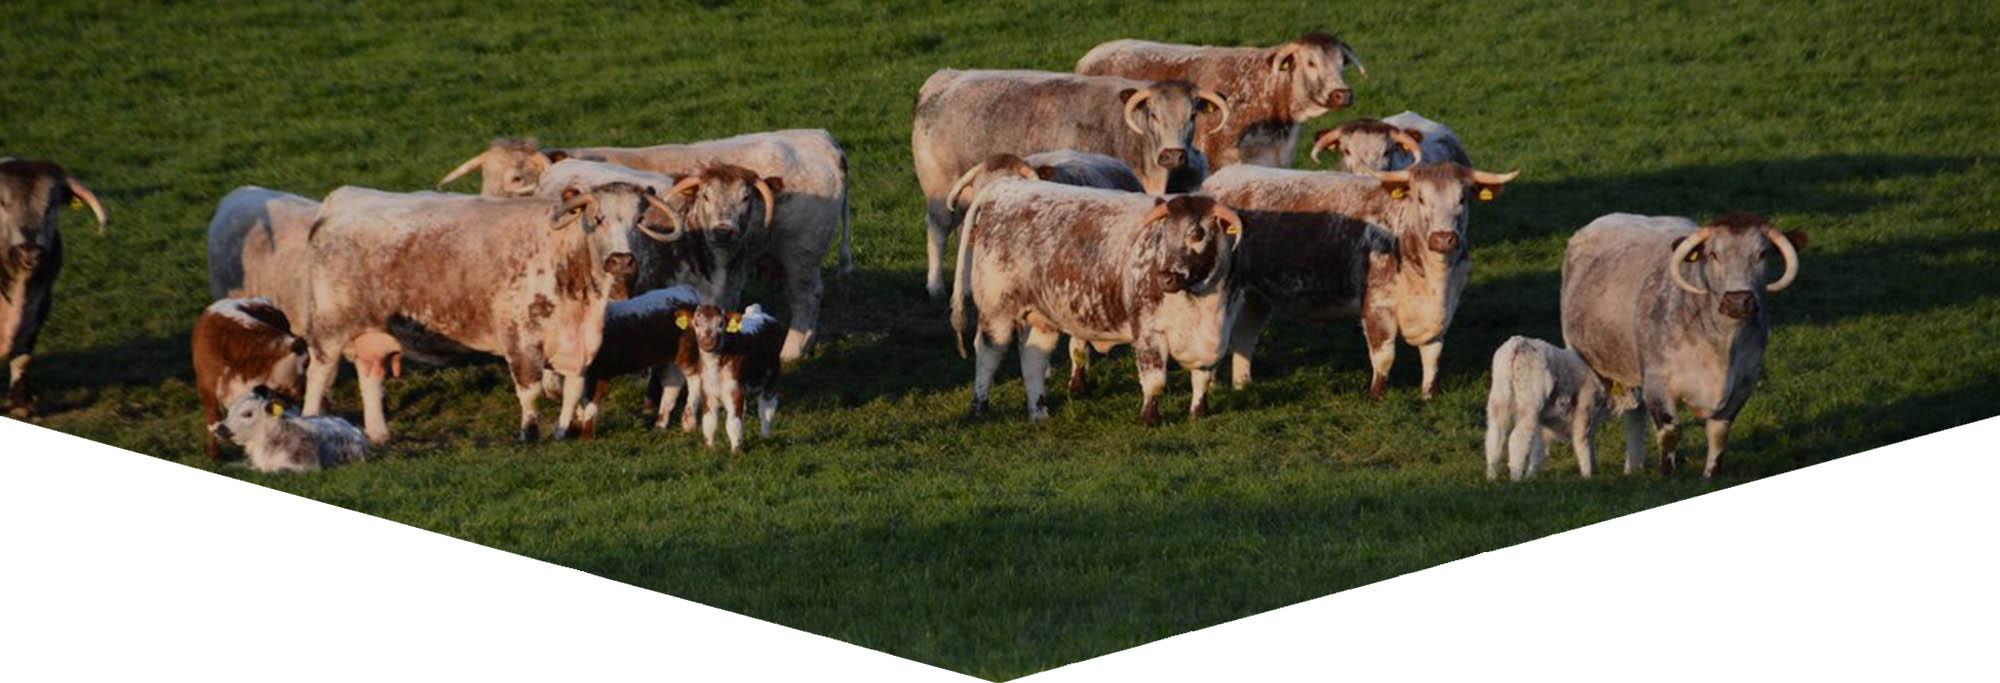 Blackbrook Longhorns Cattle Herd